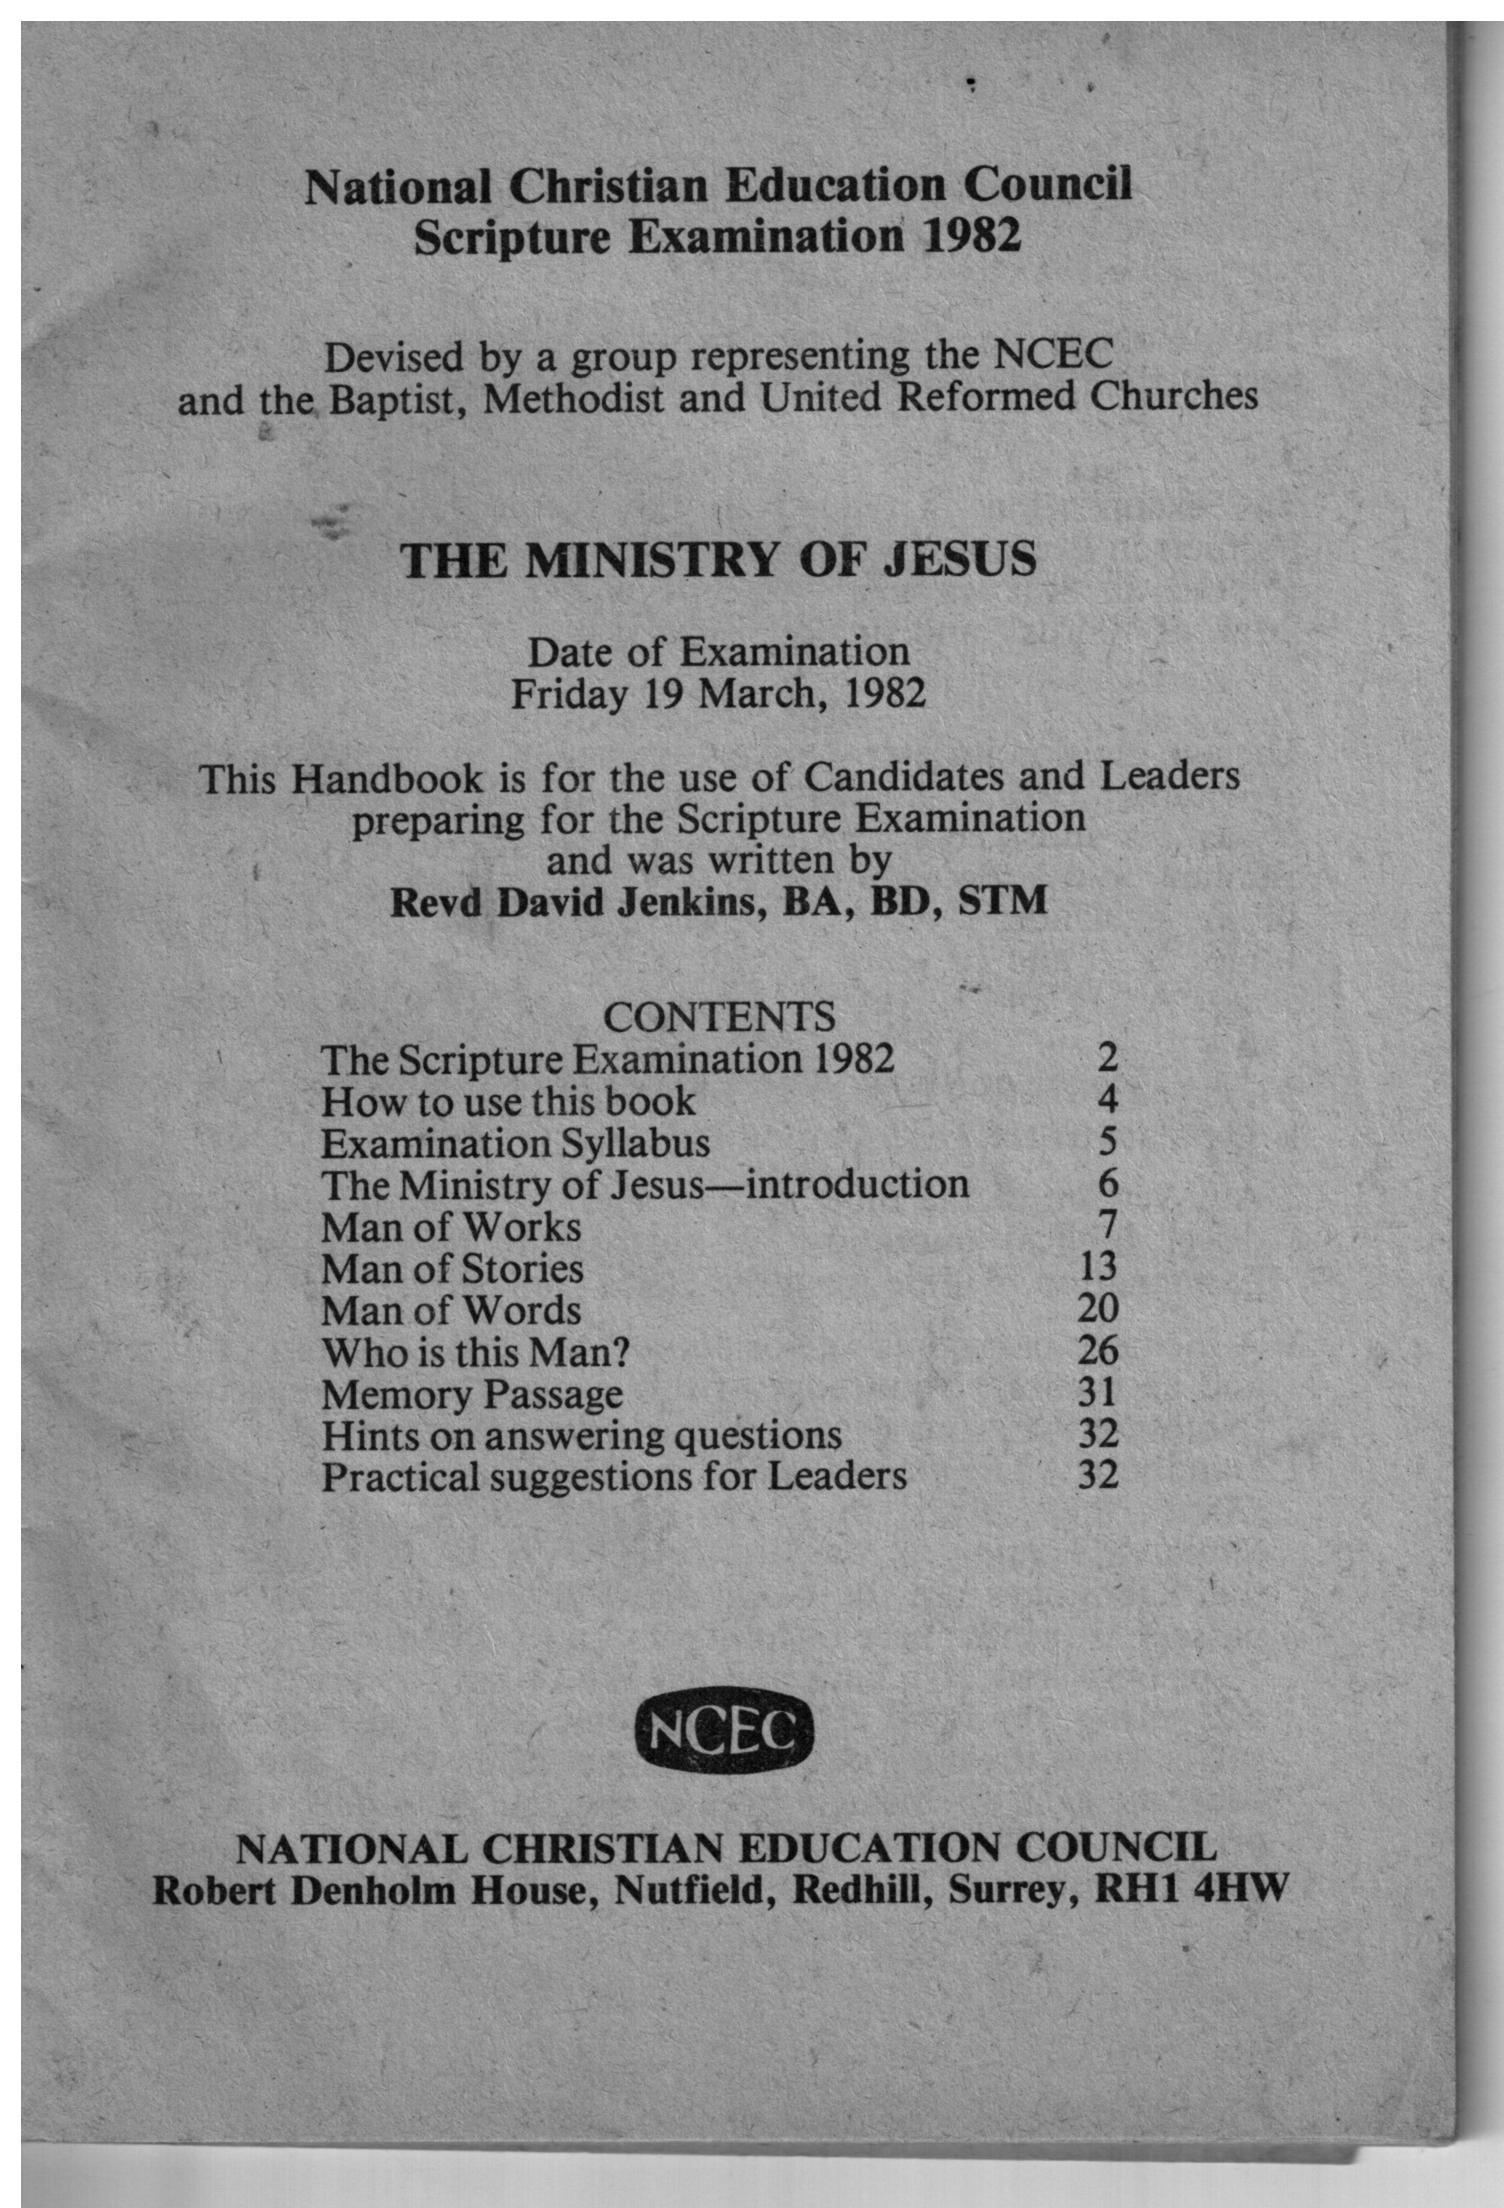 P252b_Scripture-Exam-[1982]